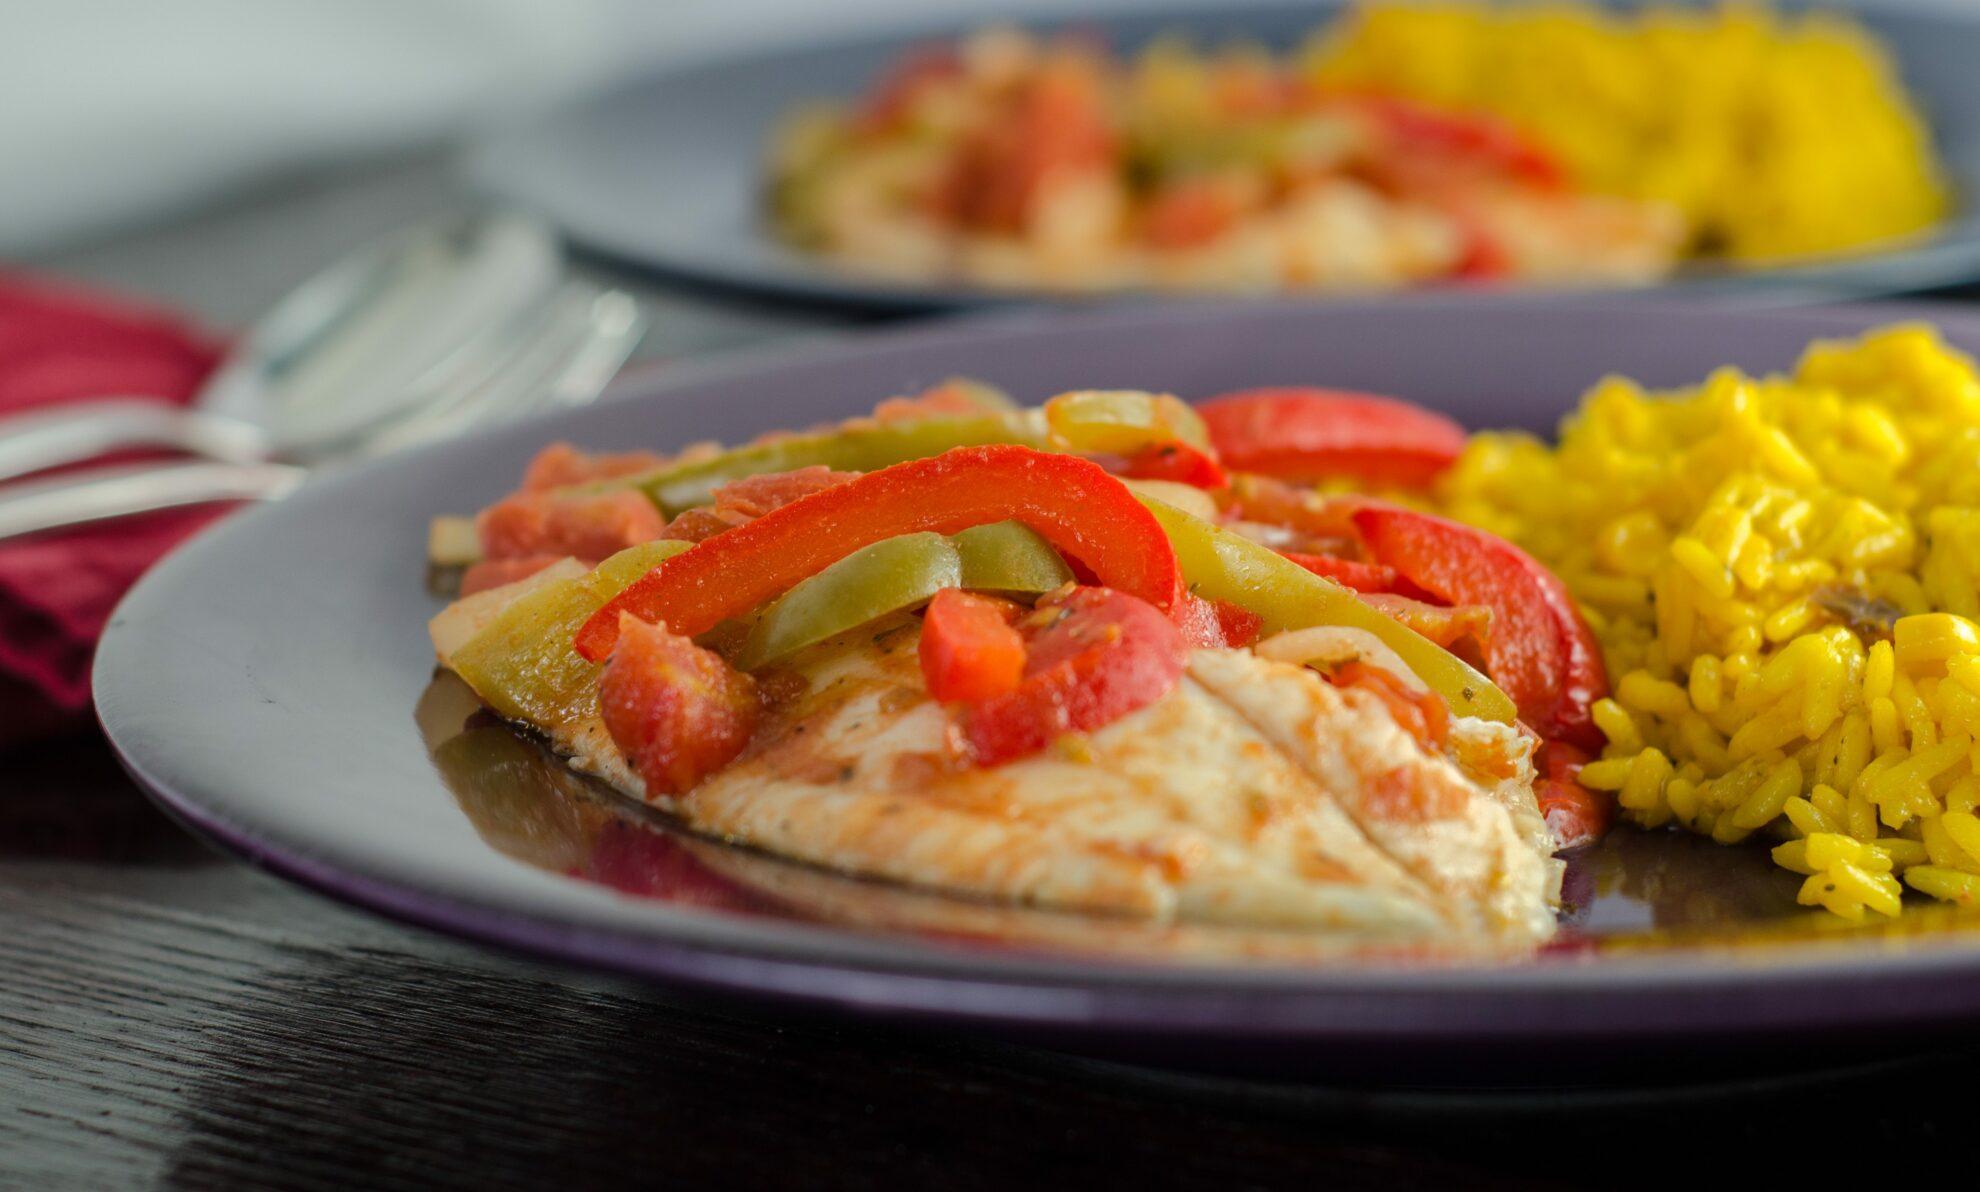 Baked tilapia veracruz healthy easy delicious for Fish veracruz recipe